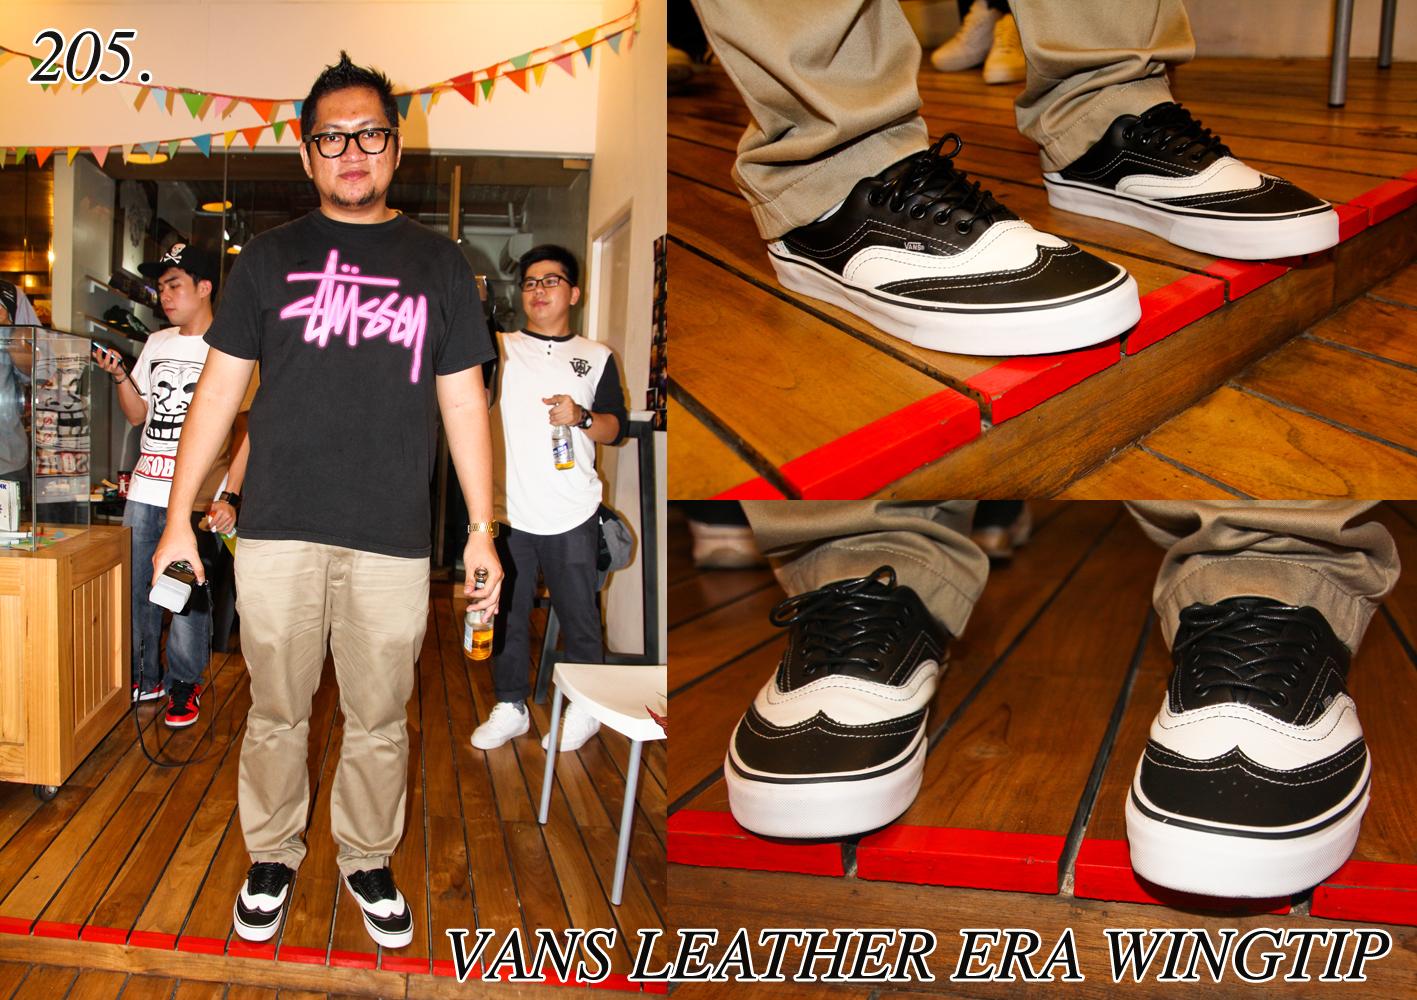 Astron Sneaker Hunts  205. Vans Leather Era Wingtip